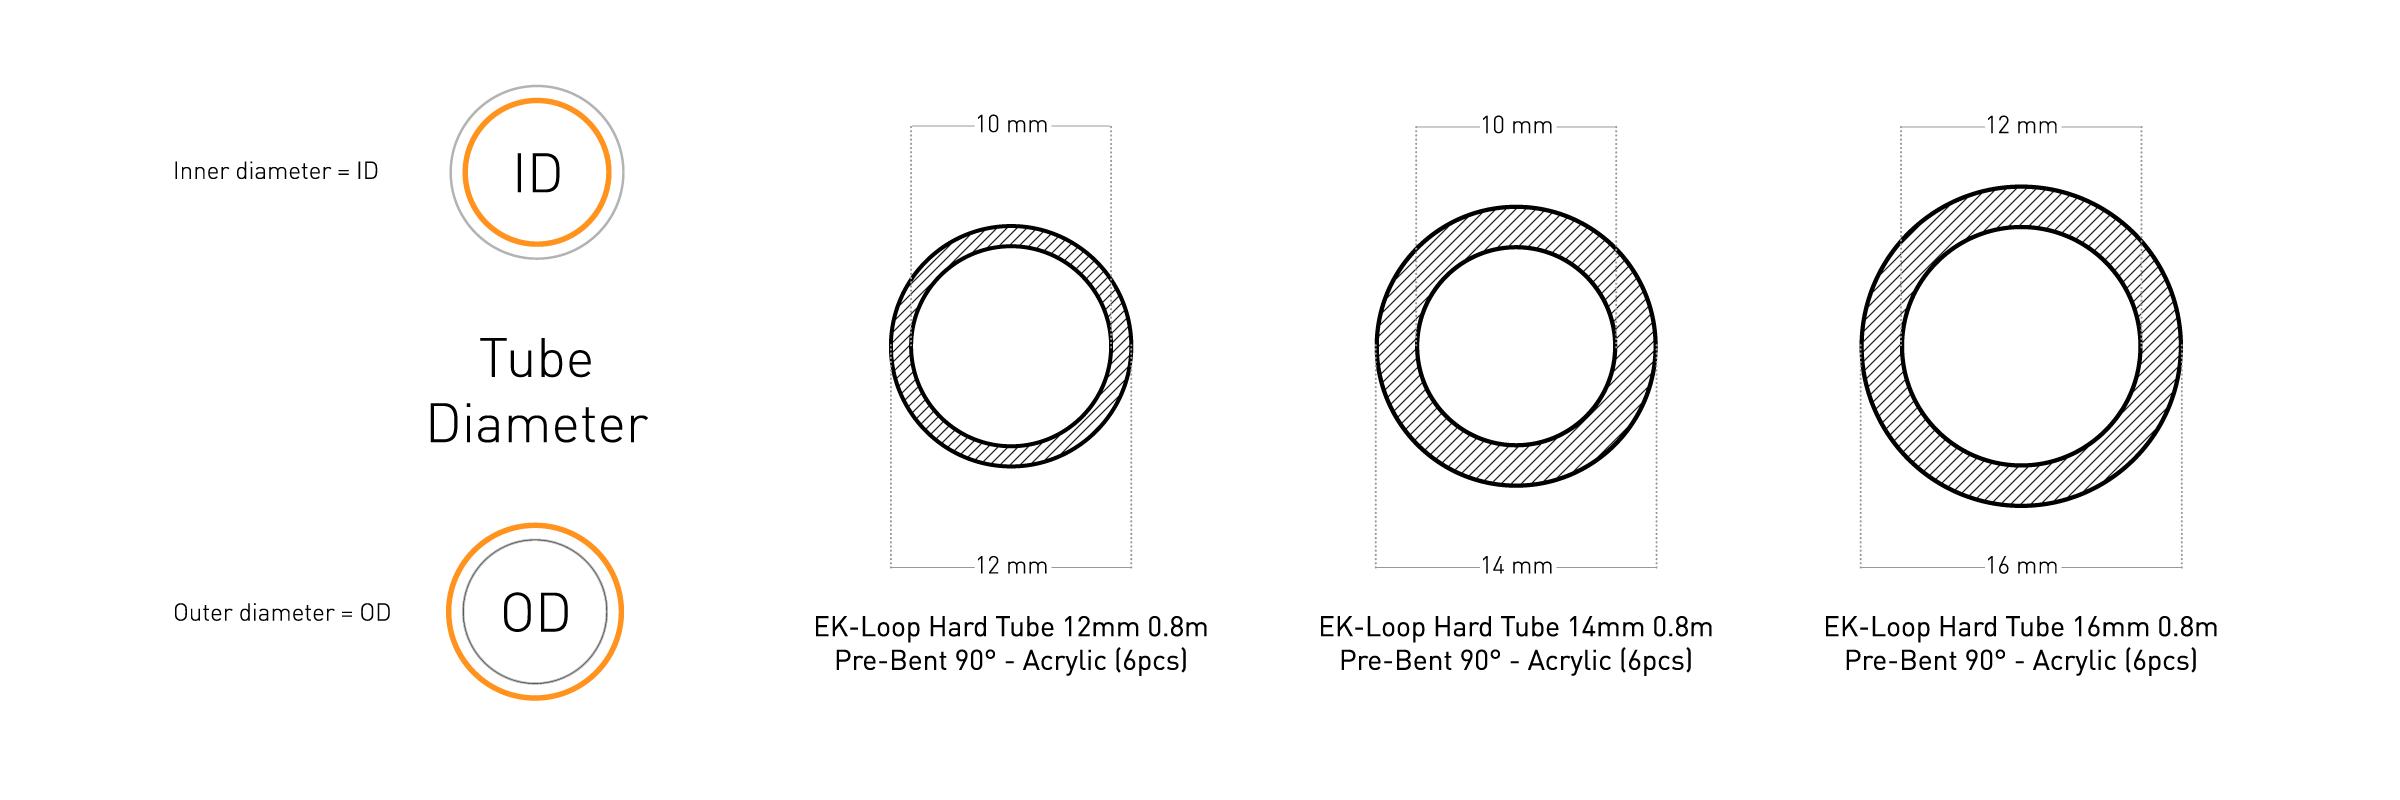 EK-Loop_Hard_Tube_12-14-16mm_0.8m_Pre-Bent_90°-Acrylic_PR_2